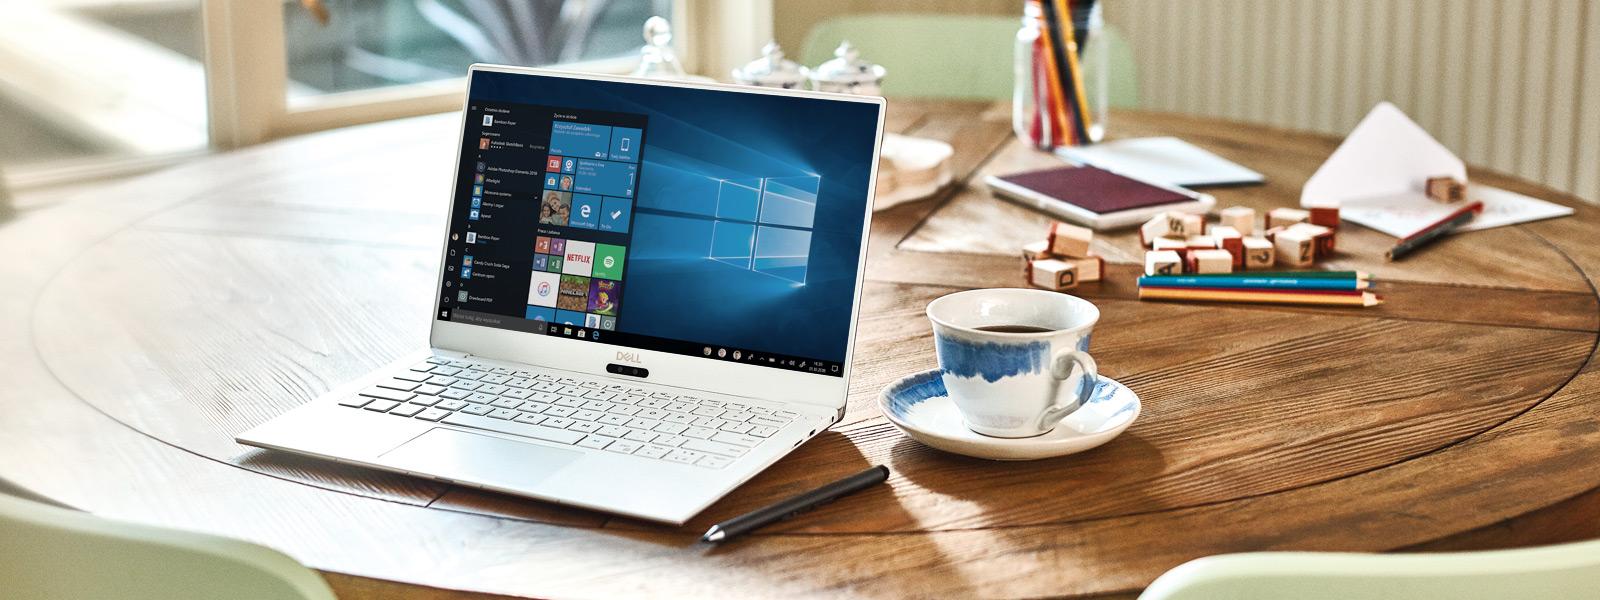 Um Dell XPS 13 9370 aberto sobre uma mesa com o ecrã Início do Windows 10.